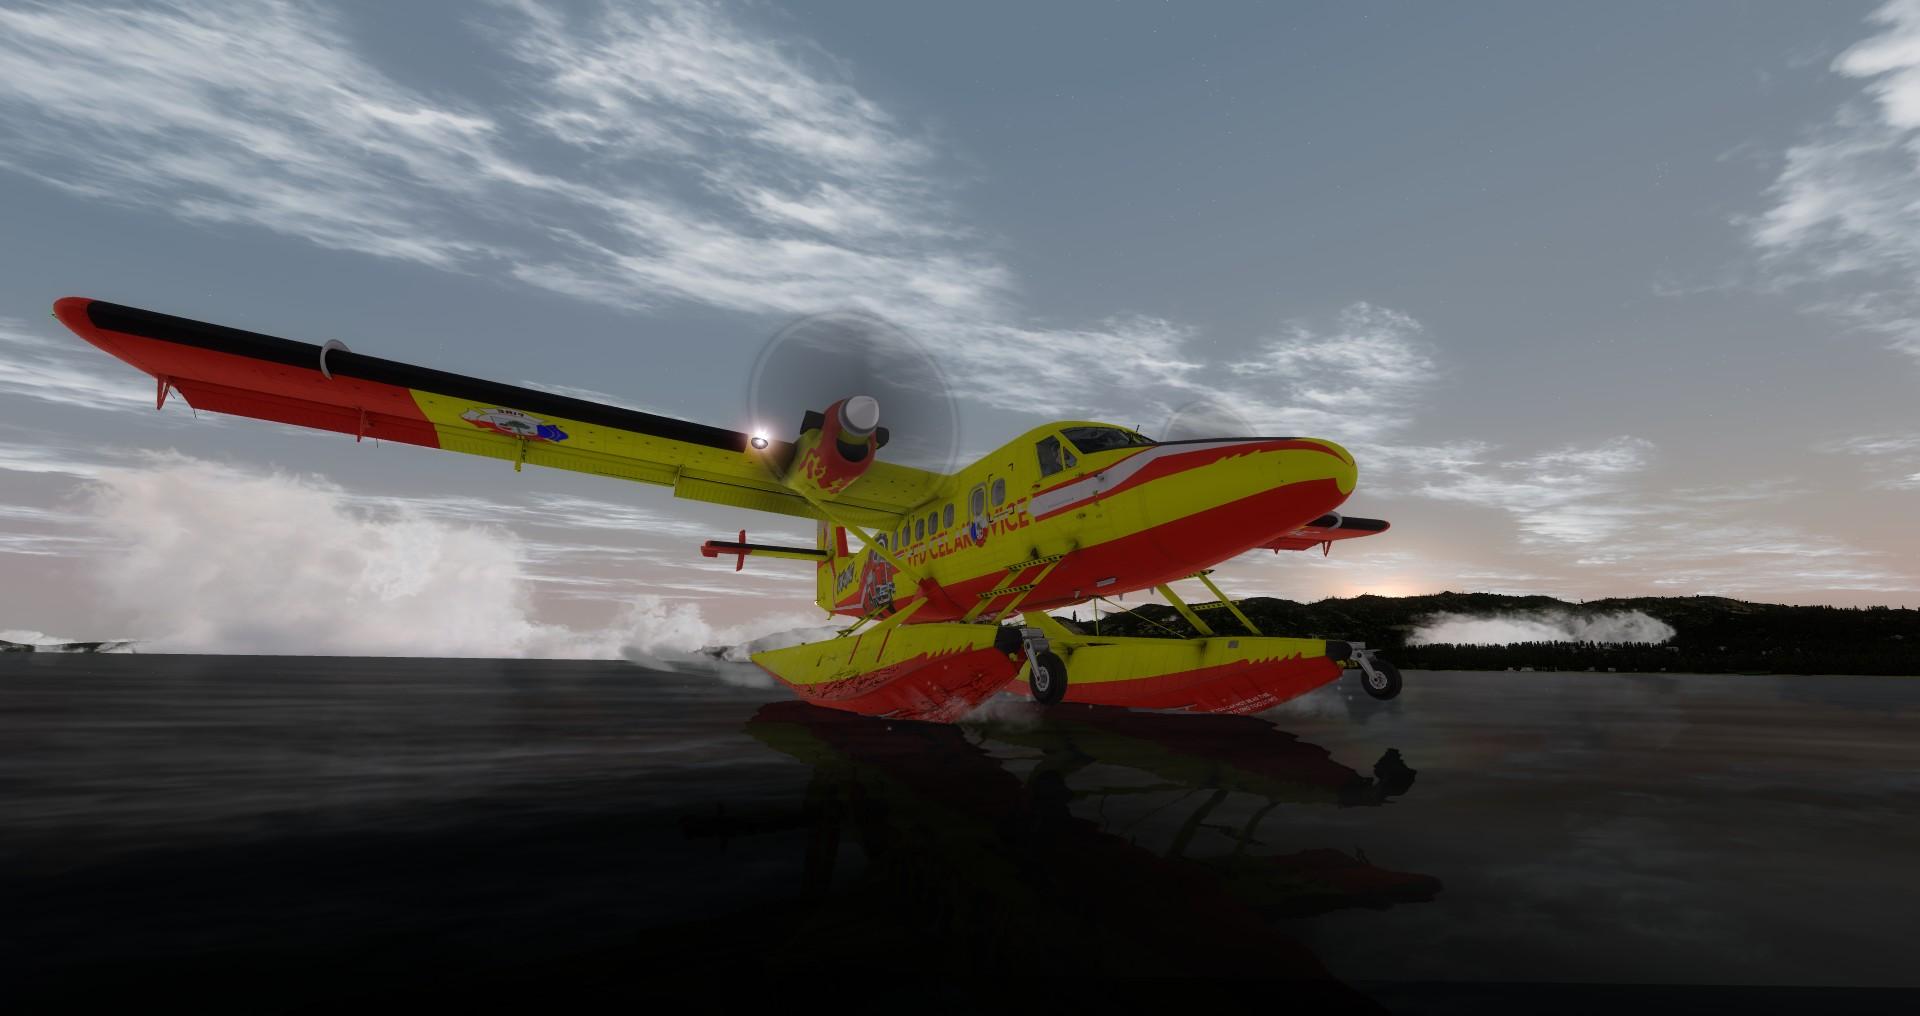 VFD Čelákovice DHC-6 Twin Otter - water landing, Lake Tahoe